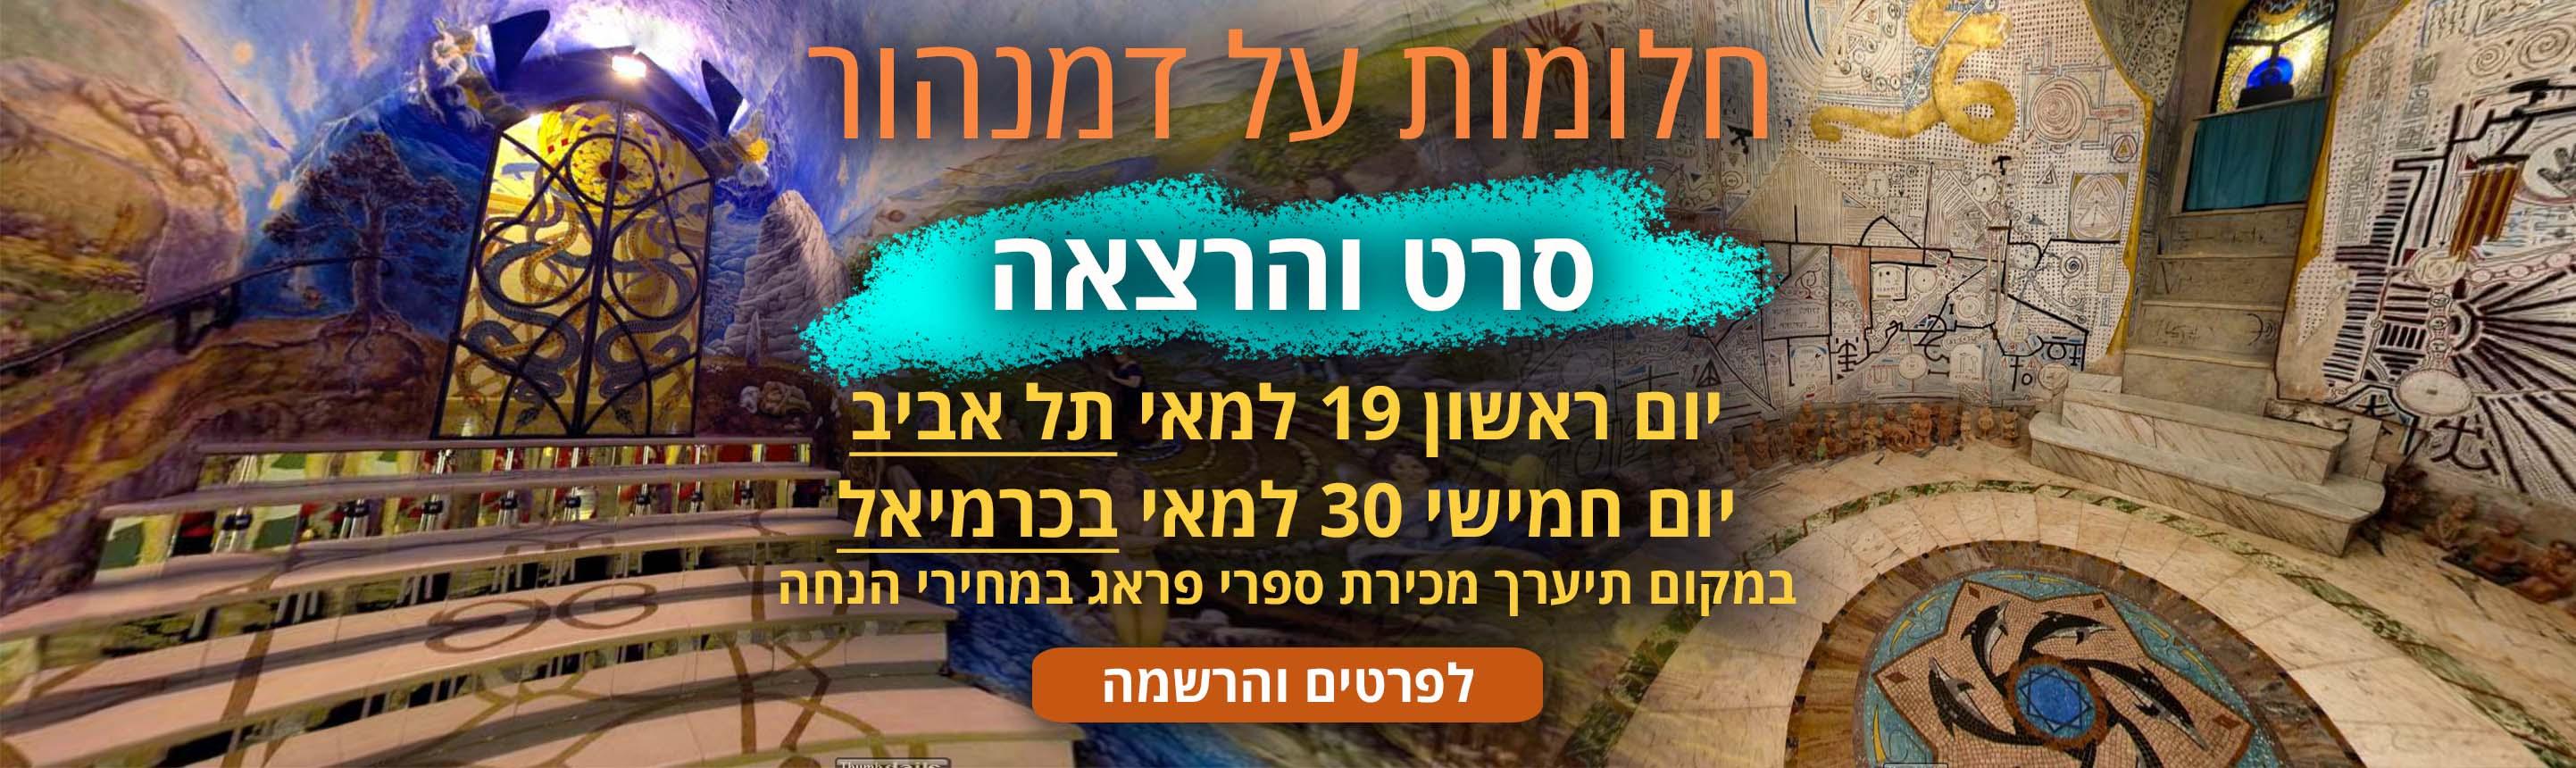 19:30 –22:00 חמישי 30 למאי בנין העריה שדרות קק